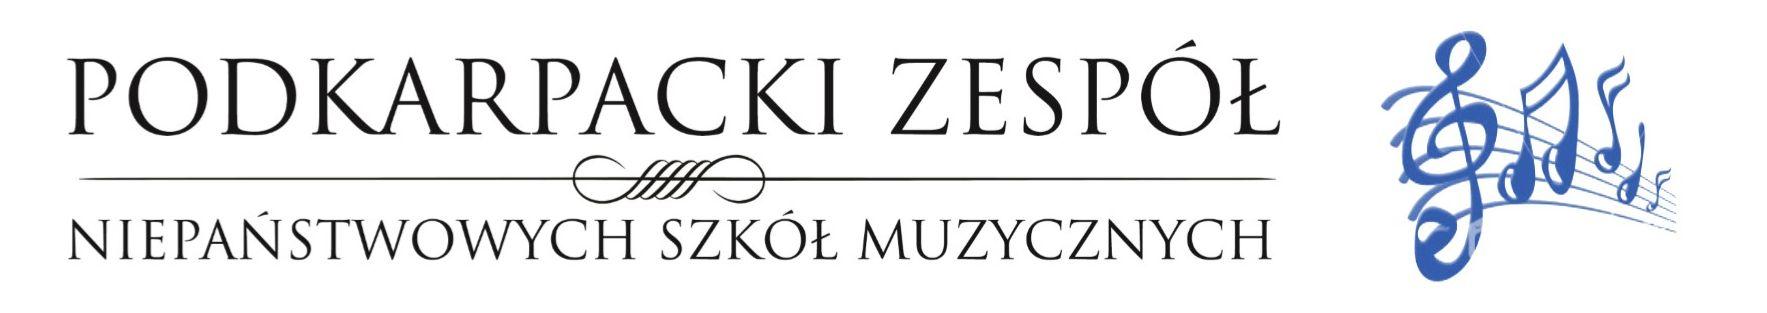 Podkarpacki Zespół Niepaństwowych Szkół Muzycznych